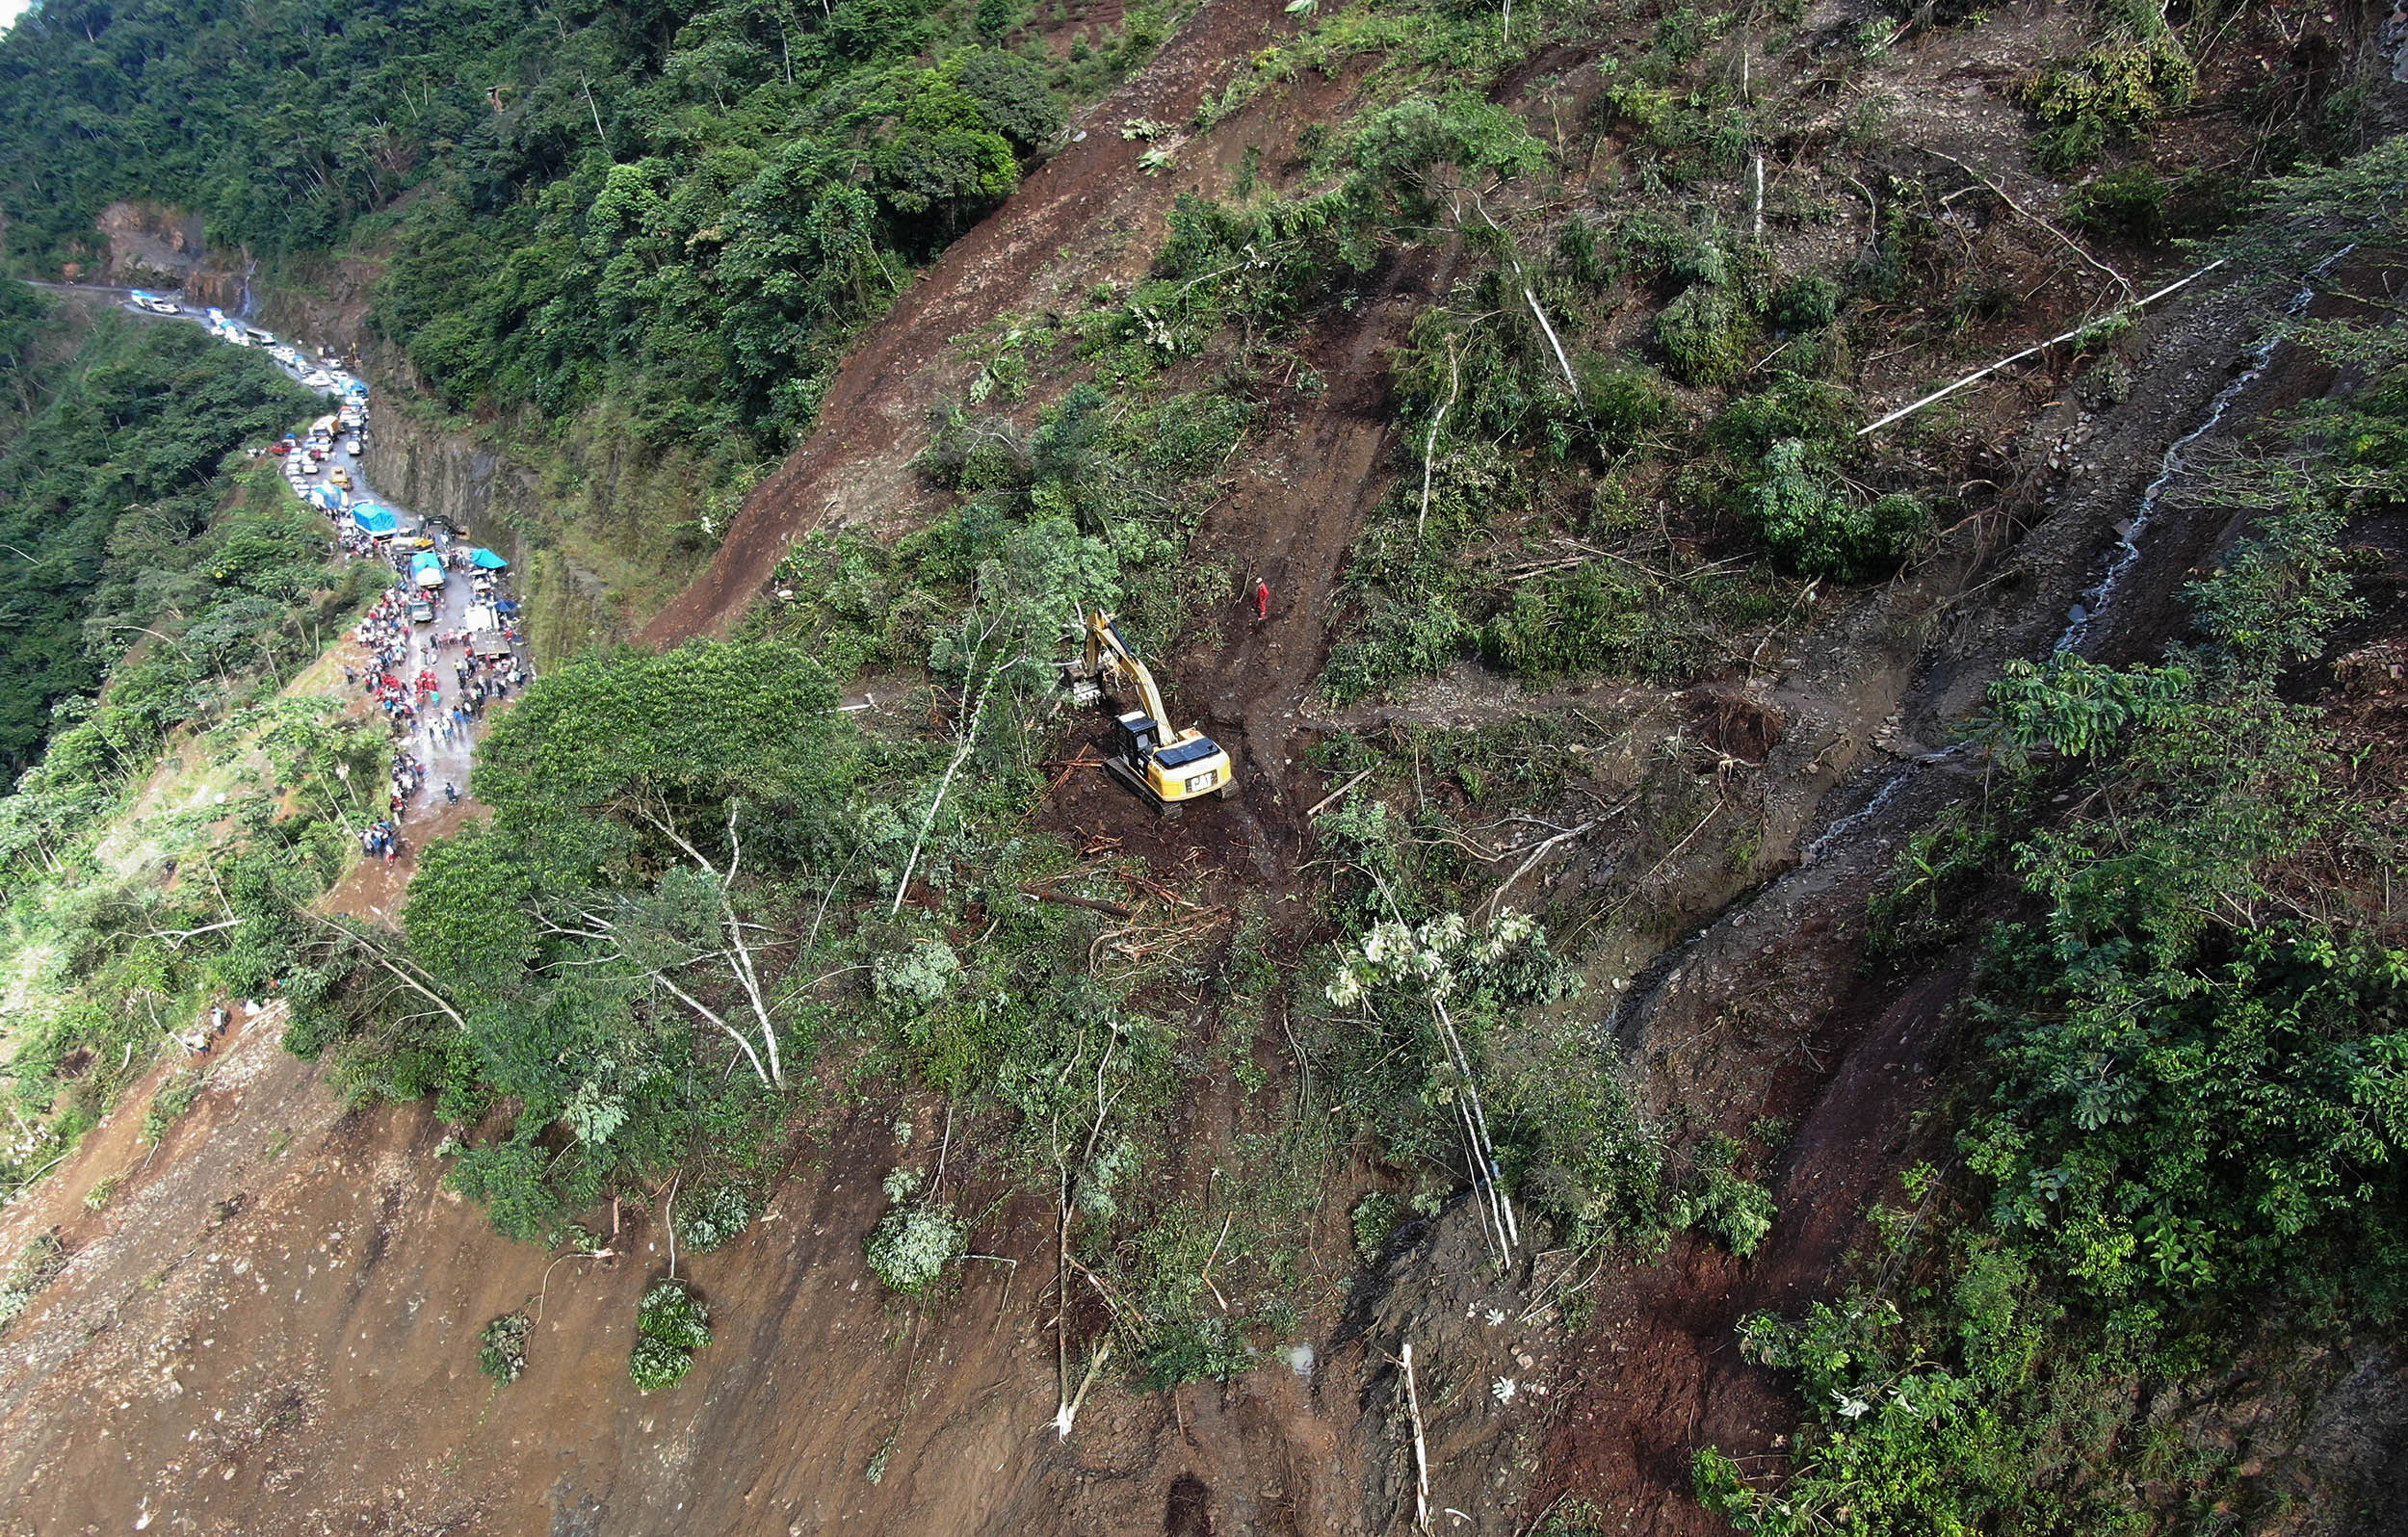 Gobierno suspenderá tareas de rescate en Caranavi- Yolosa para rehabilitar la vía según ministro de defensa